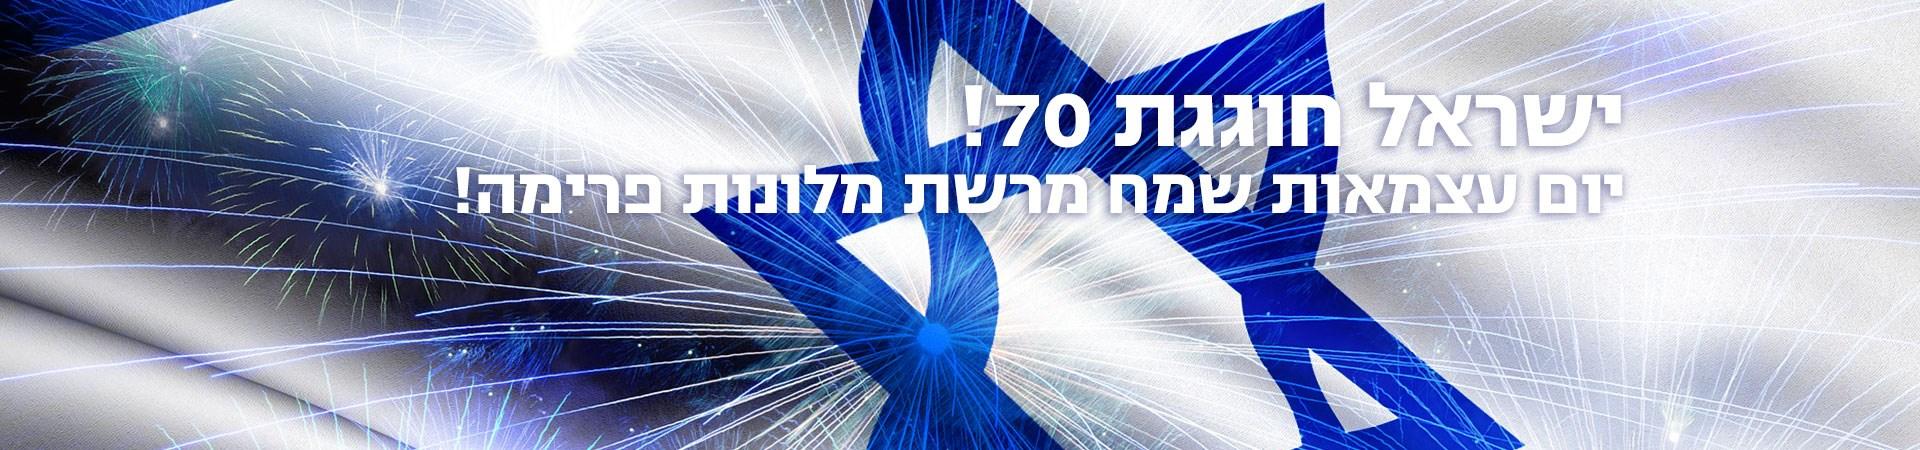 יום העצמאות ה-70 למדינה ישראל